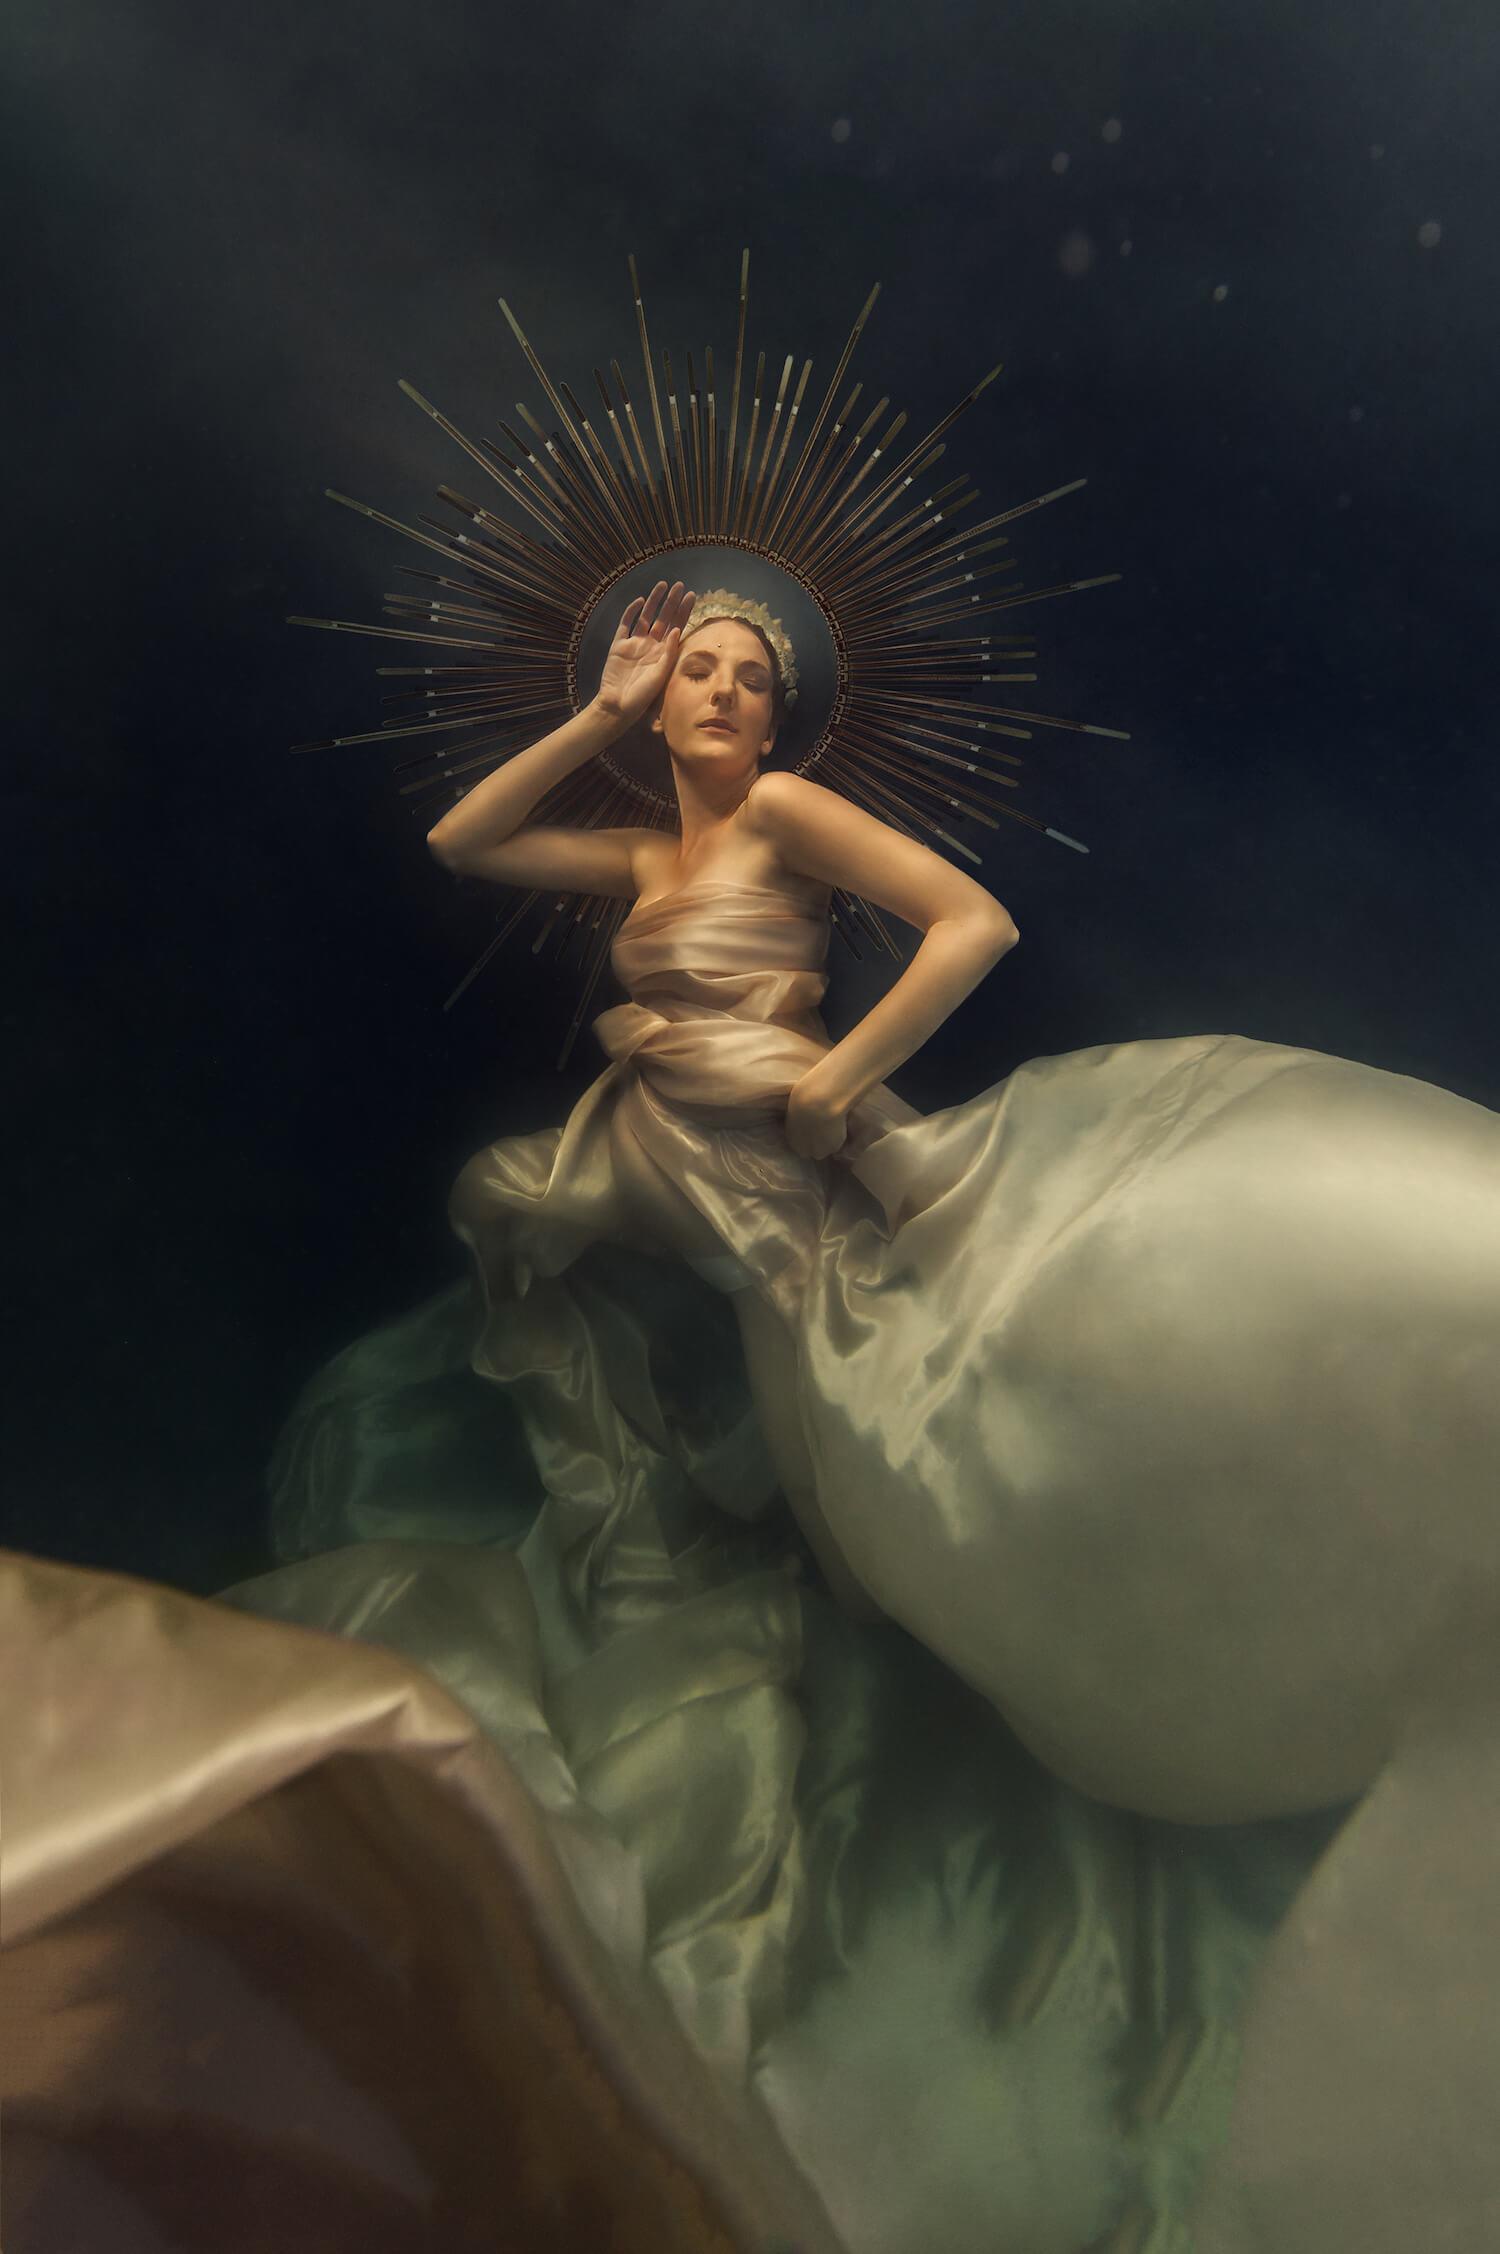 Ilse Moore underwater crystal cinema_008.jpg